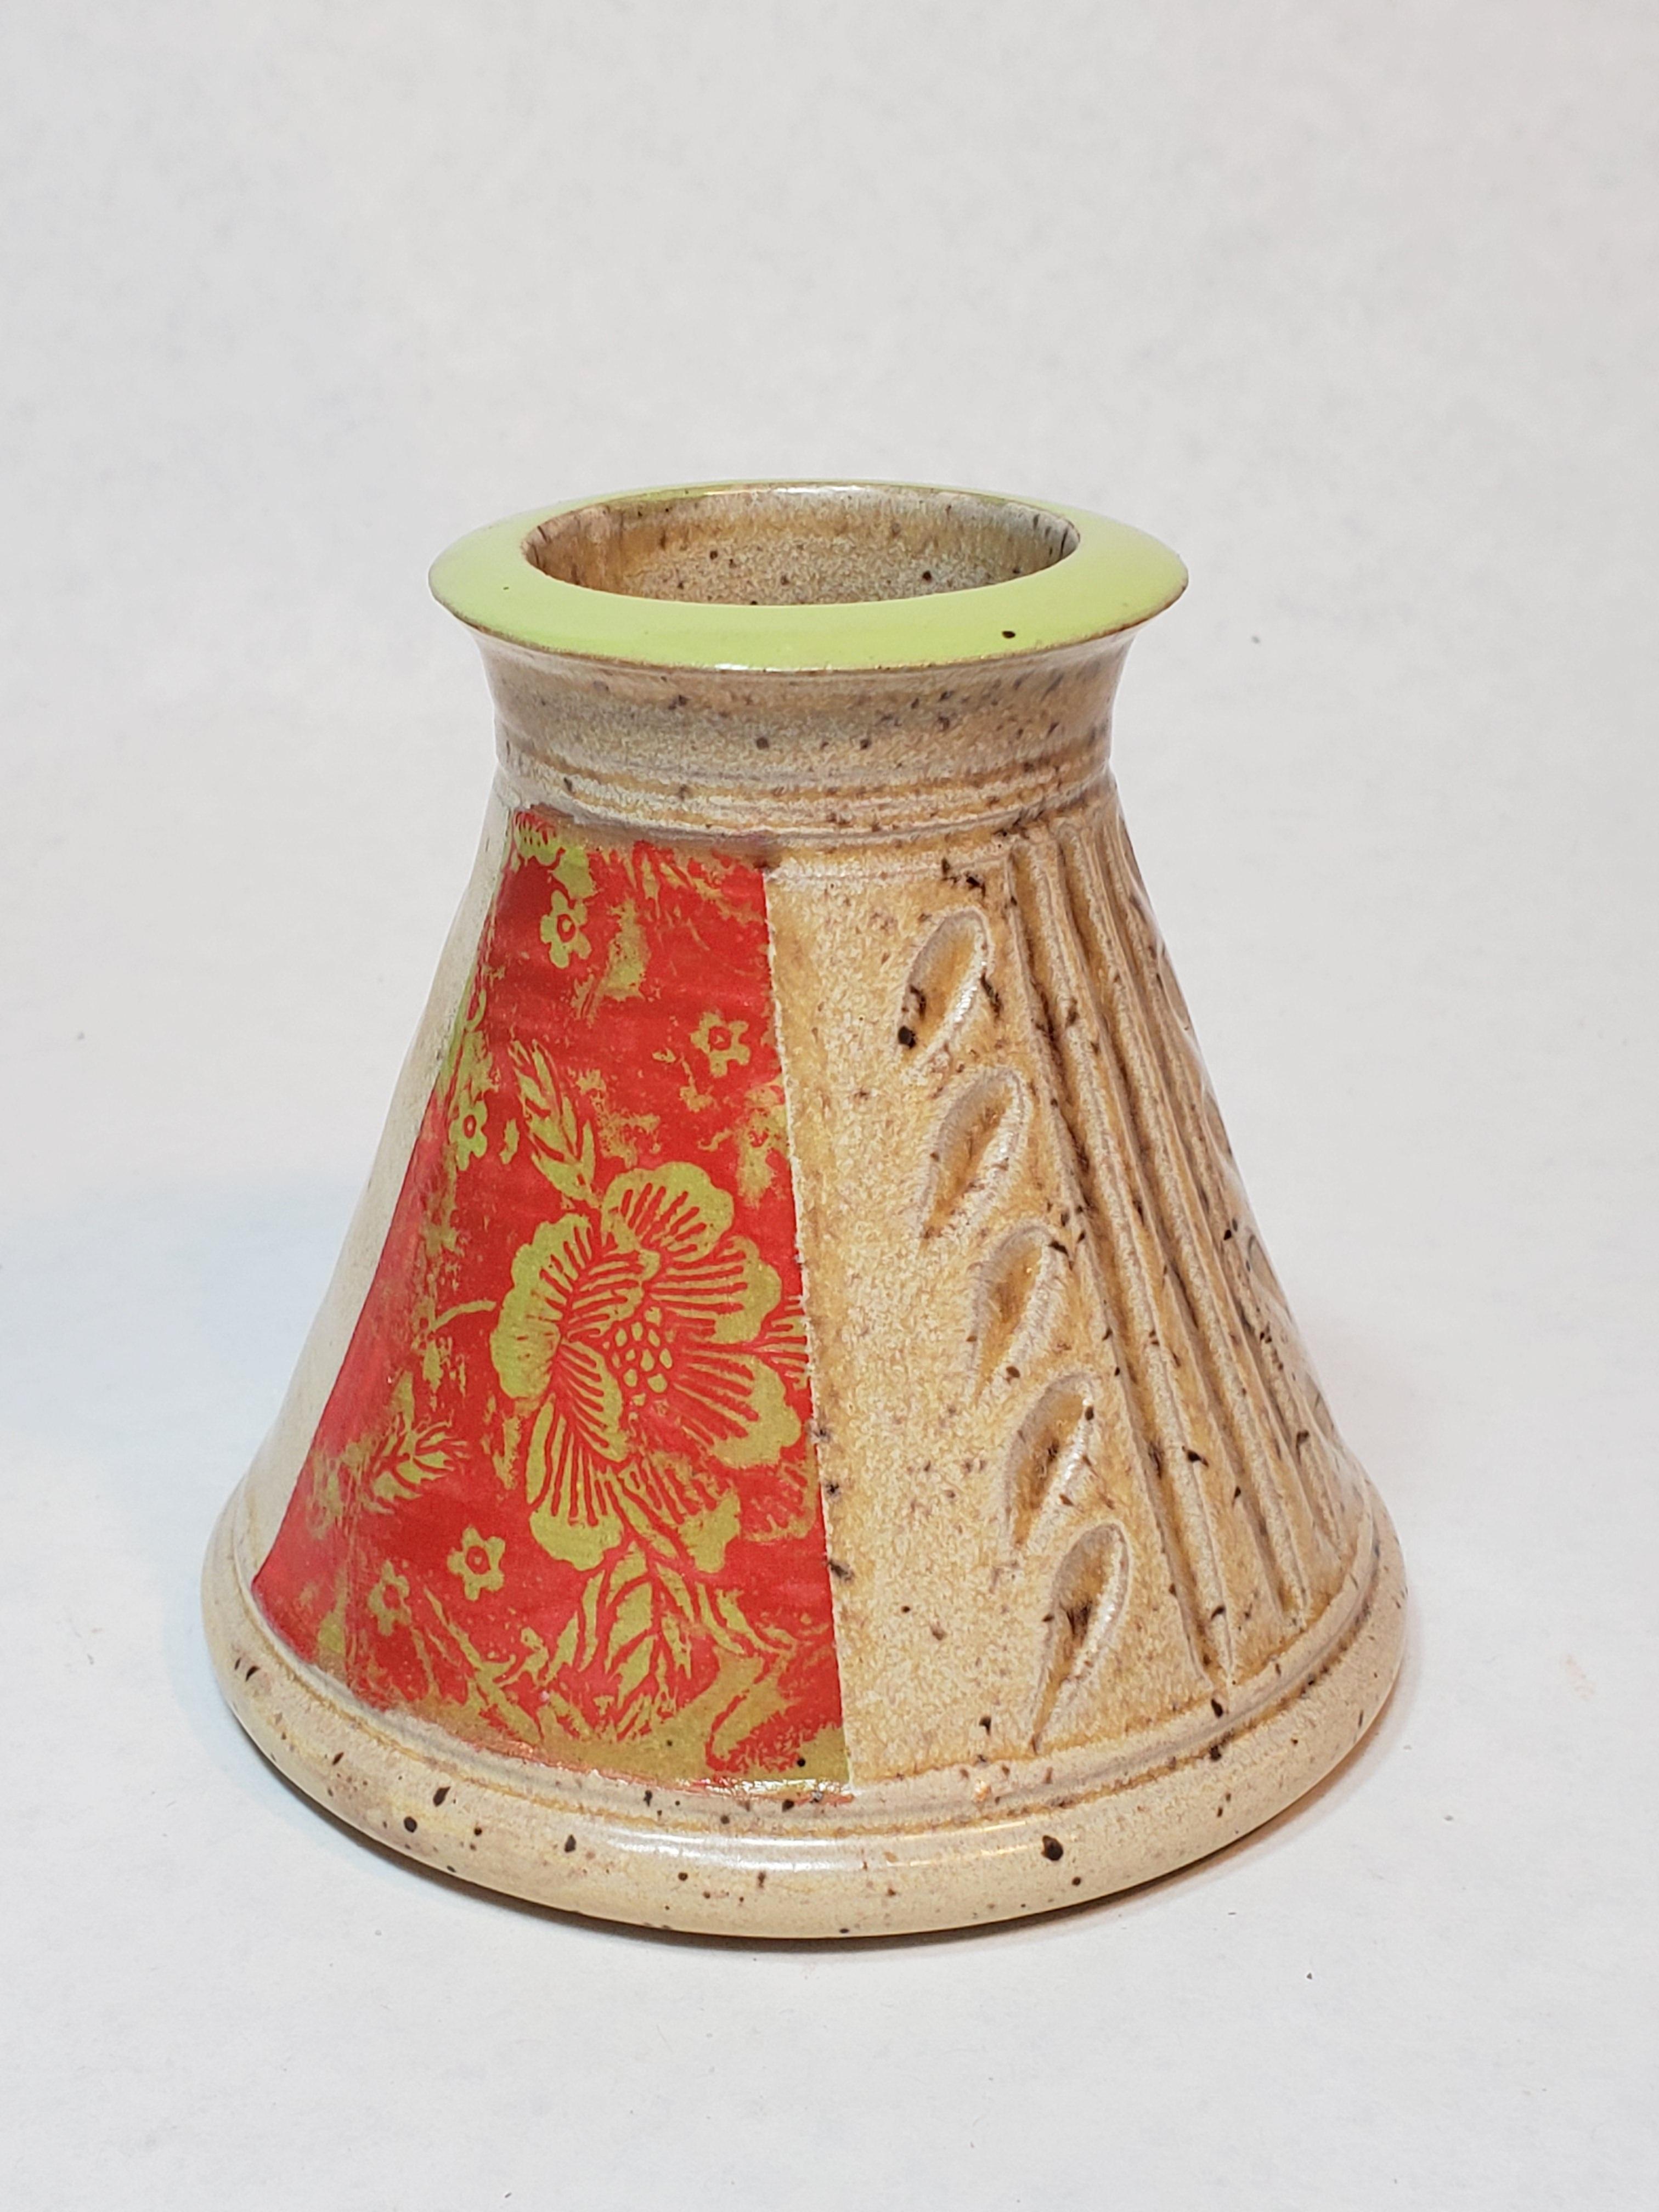 Smal flower vase, red floral